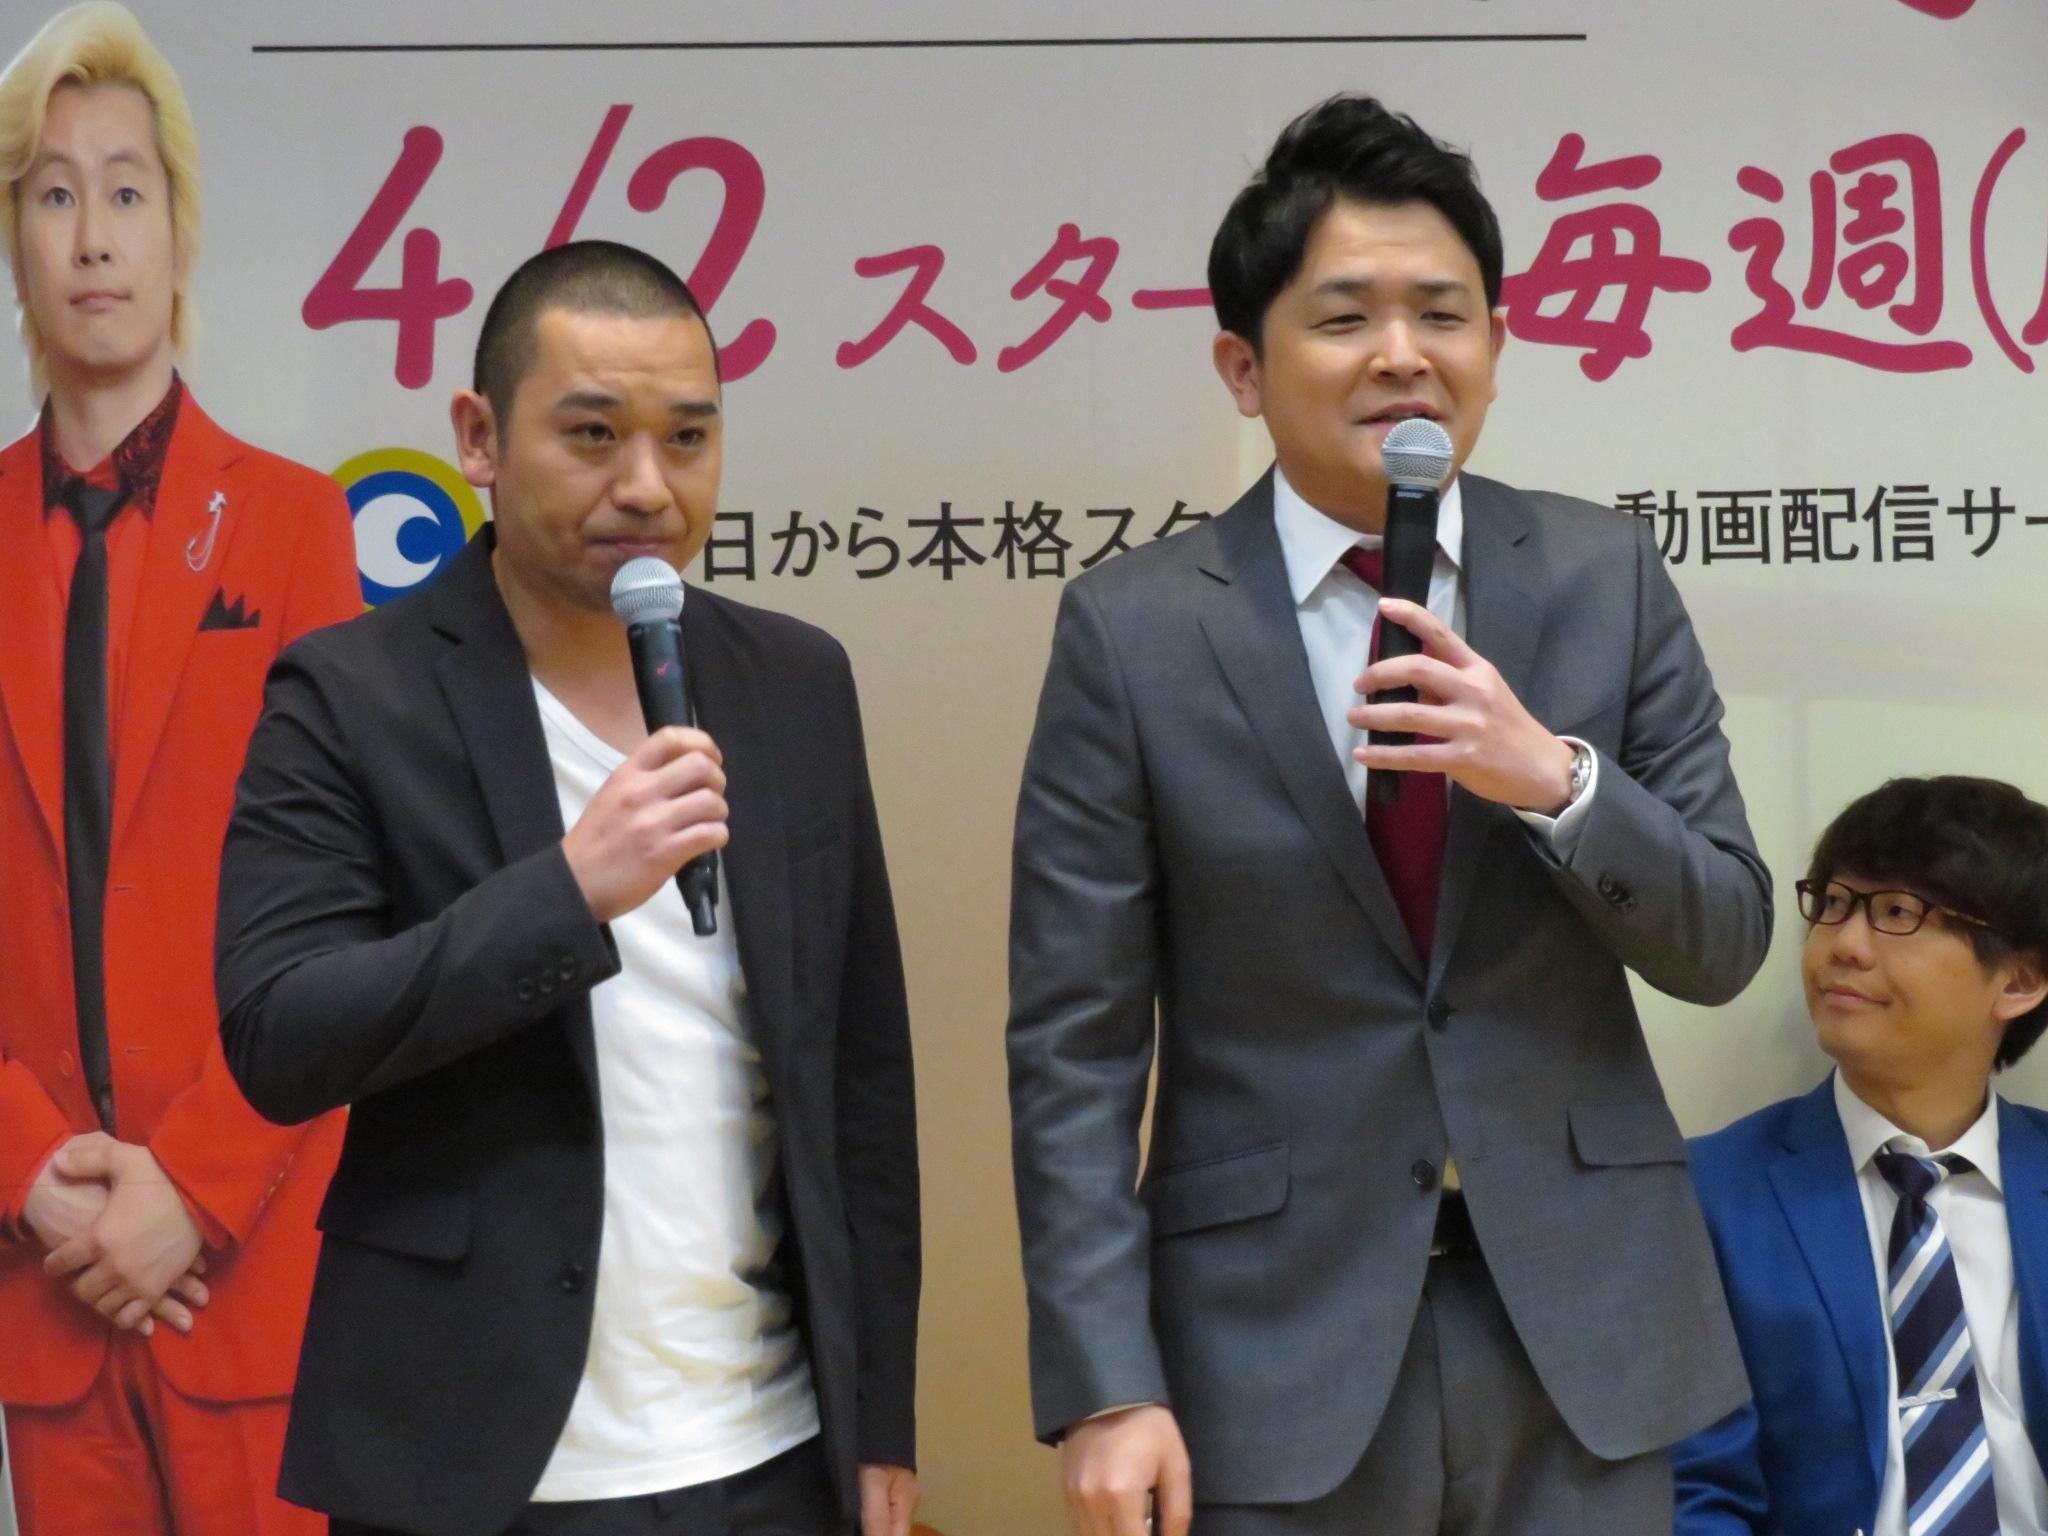 http://news.yoshimoto.co.jp/20180331002429-98c2035f9deb8eac5a4bdb05d3ab235abef7f67b.jpg